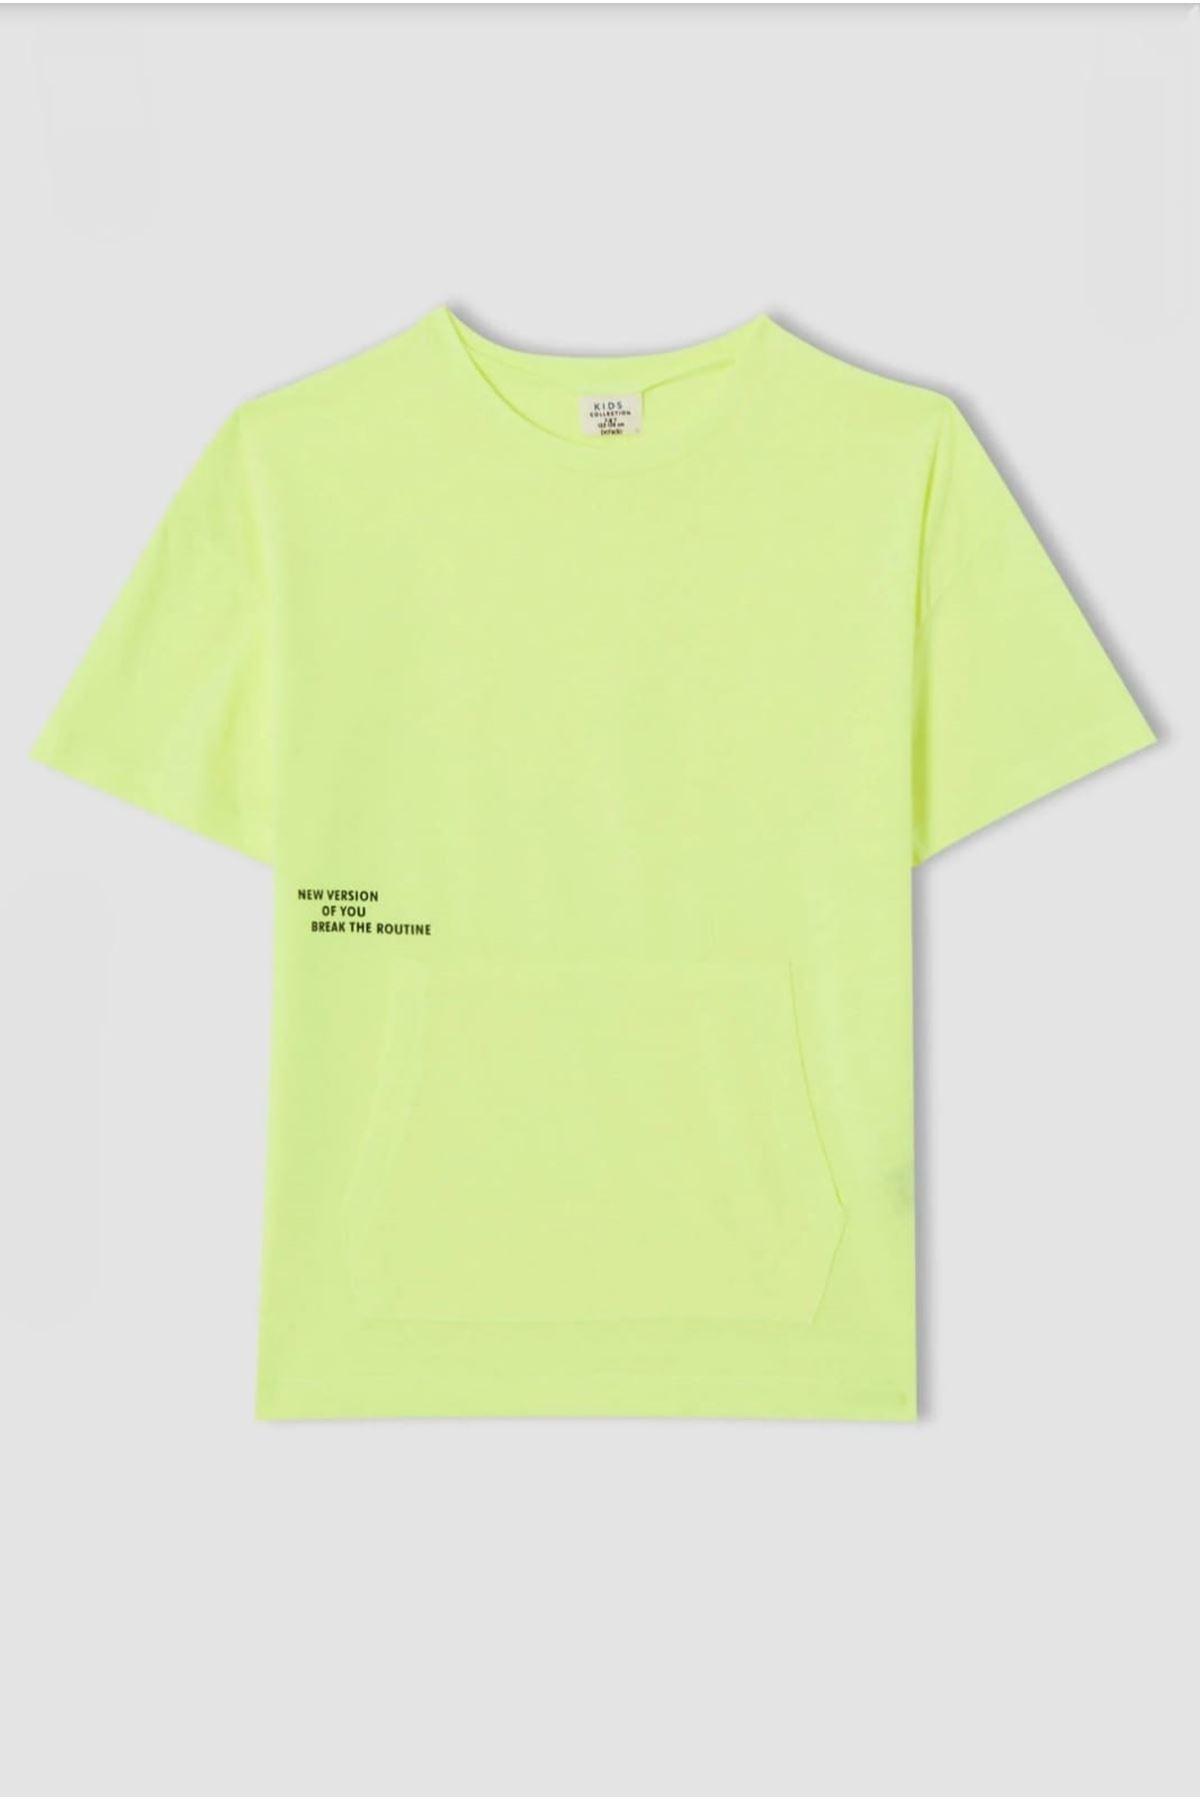 Erkek Çocuk Baskılı Yeşil T-shırt